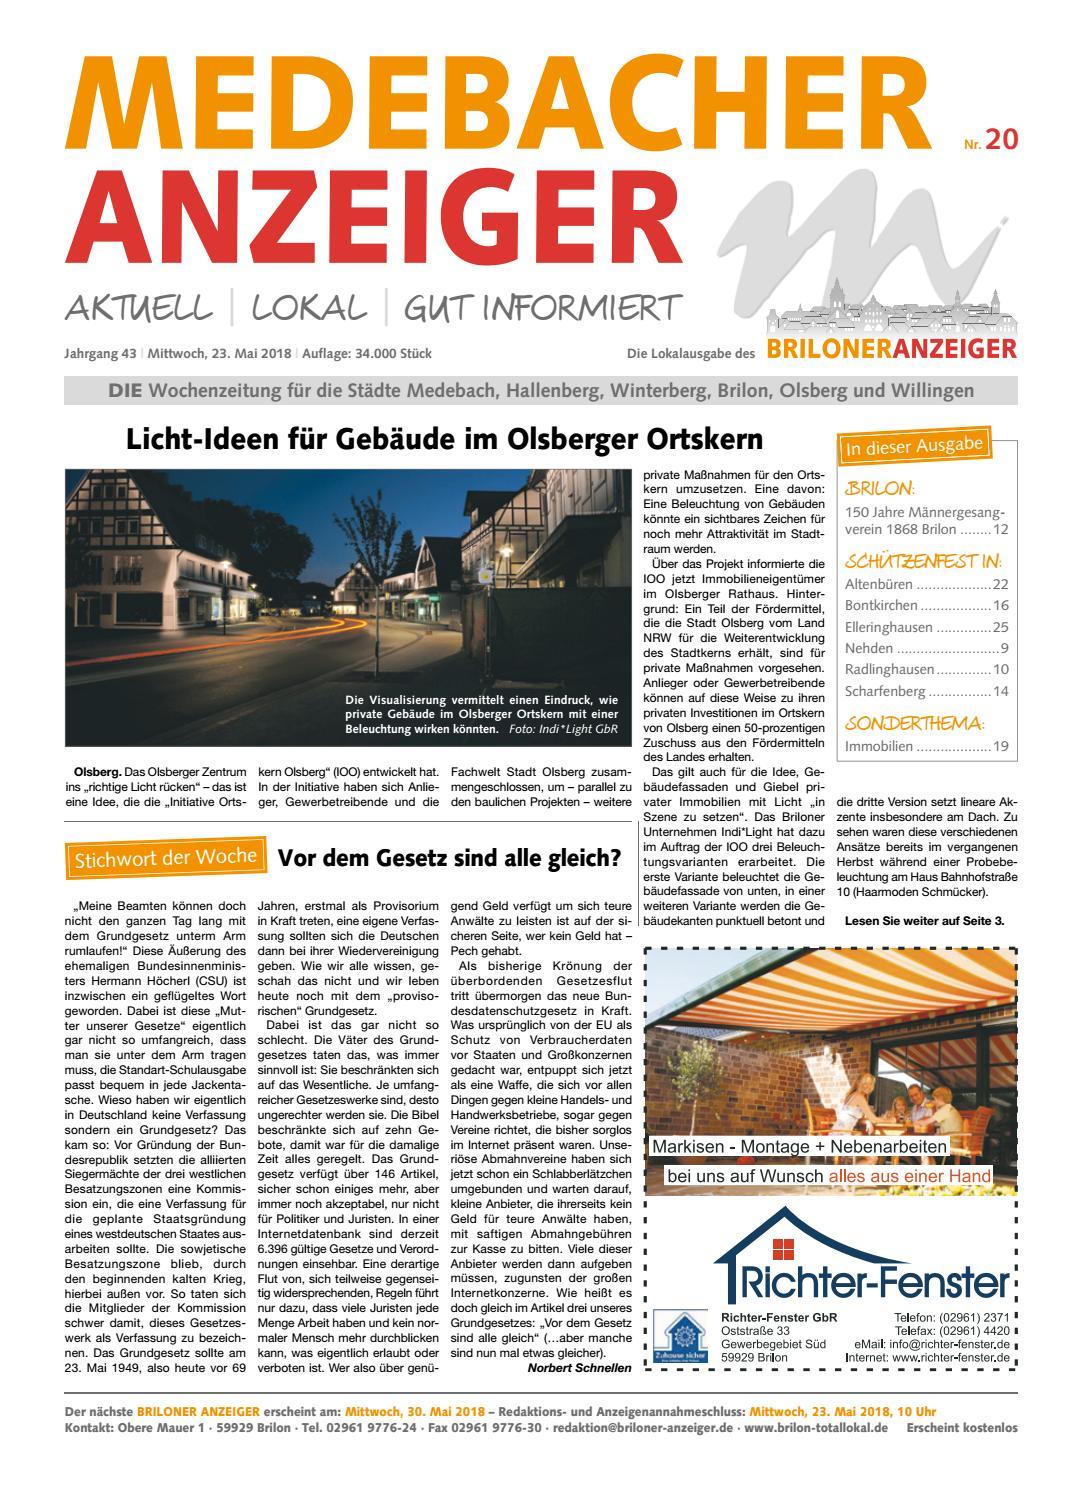 Medebacher Anzeiger Ausgabe Vom 23.05.2018 Nr.20 By Brilon Totallokal    Issuu